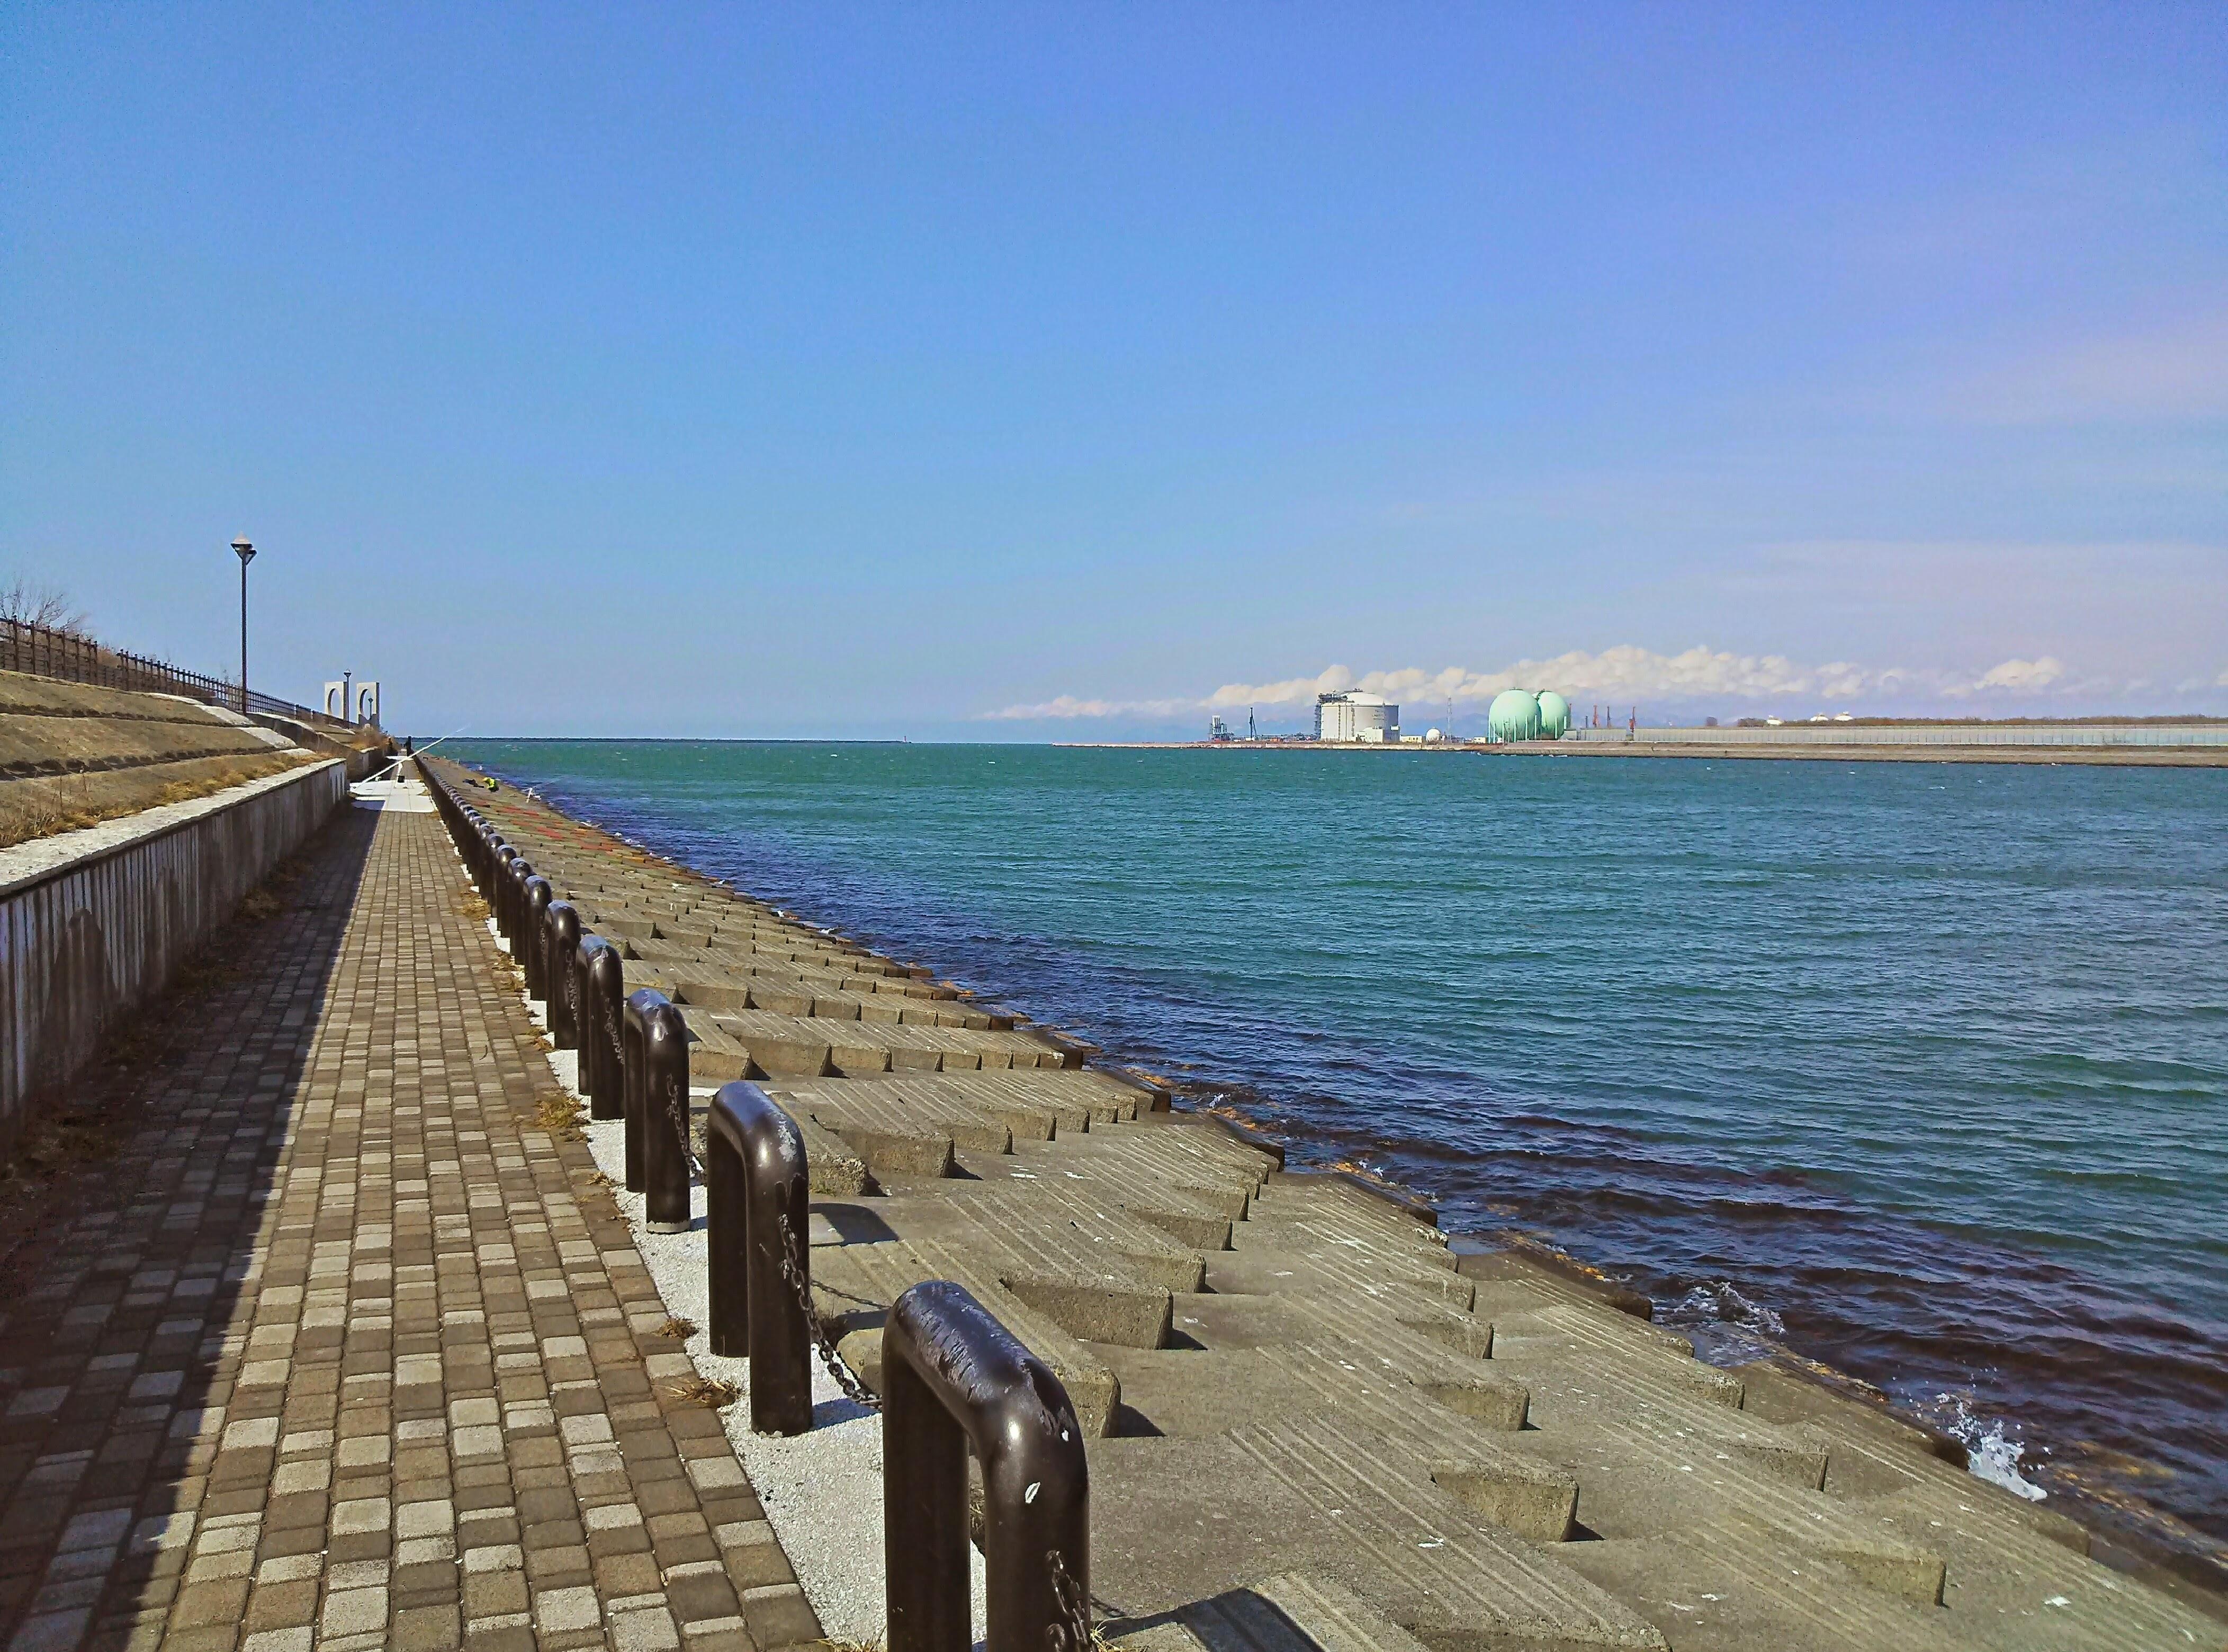 石狩湾新港 樽川埠頭についての釣り情報